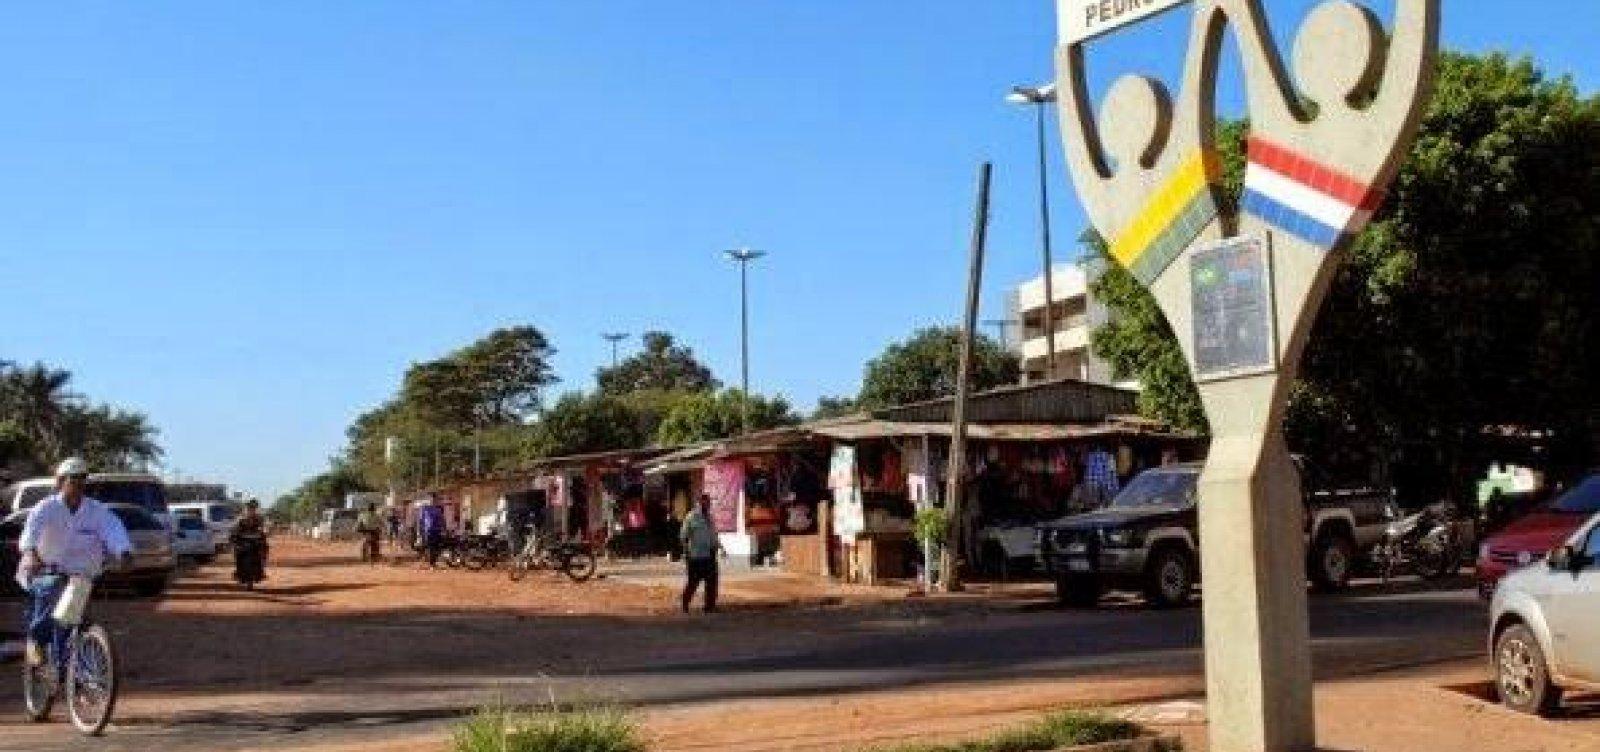 [Cerca de 90 membros do PCC fogem de prisão no Paraguai]